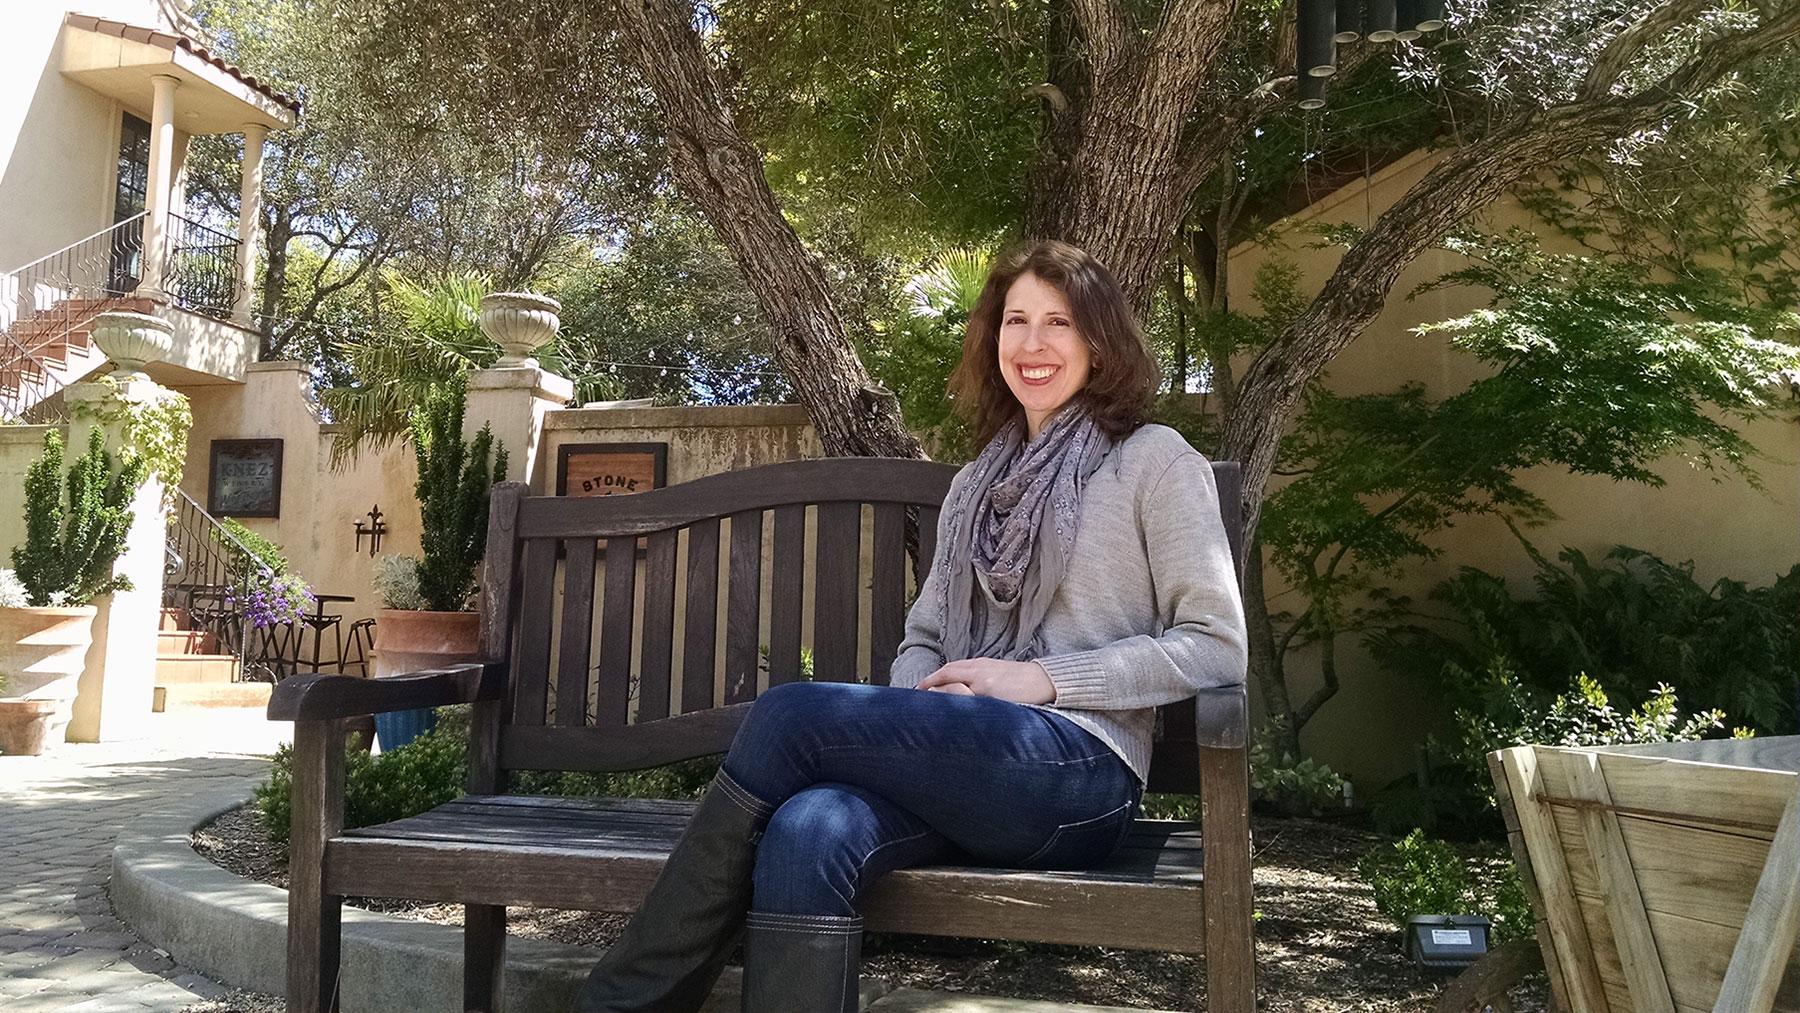 Carlyn sitting